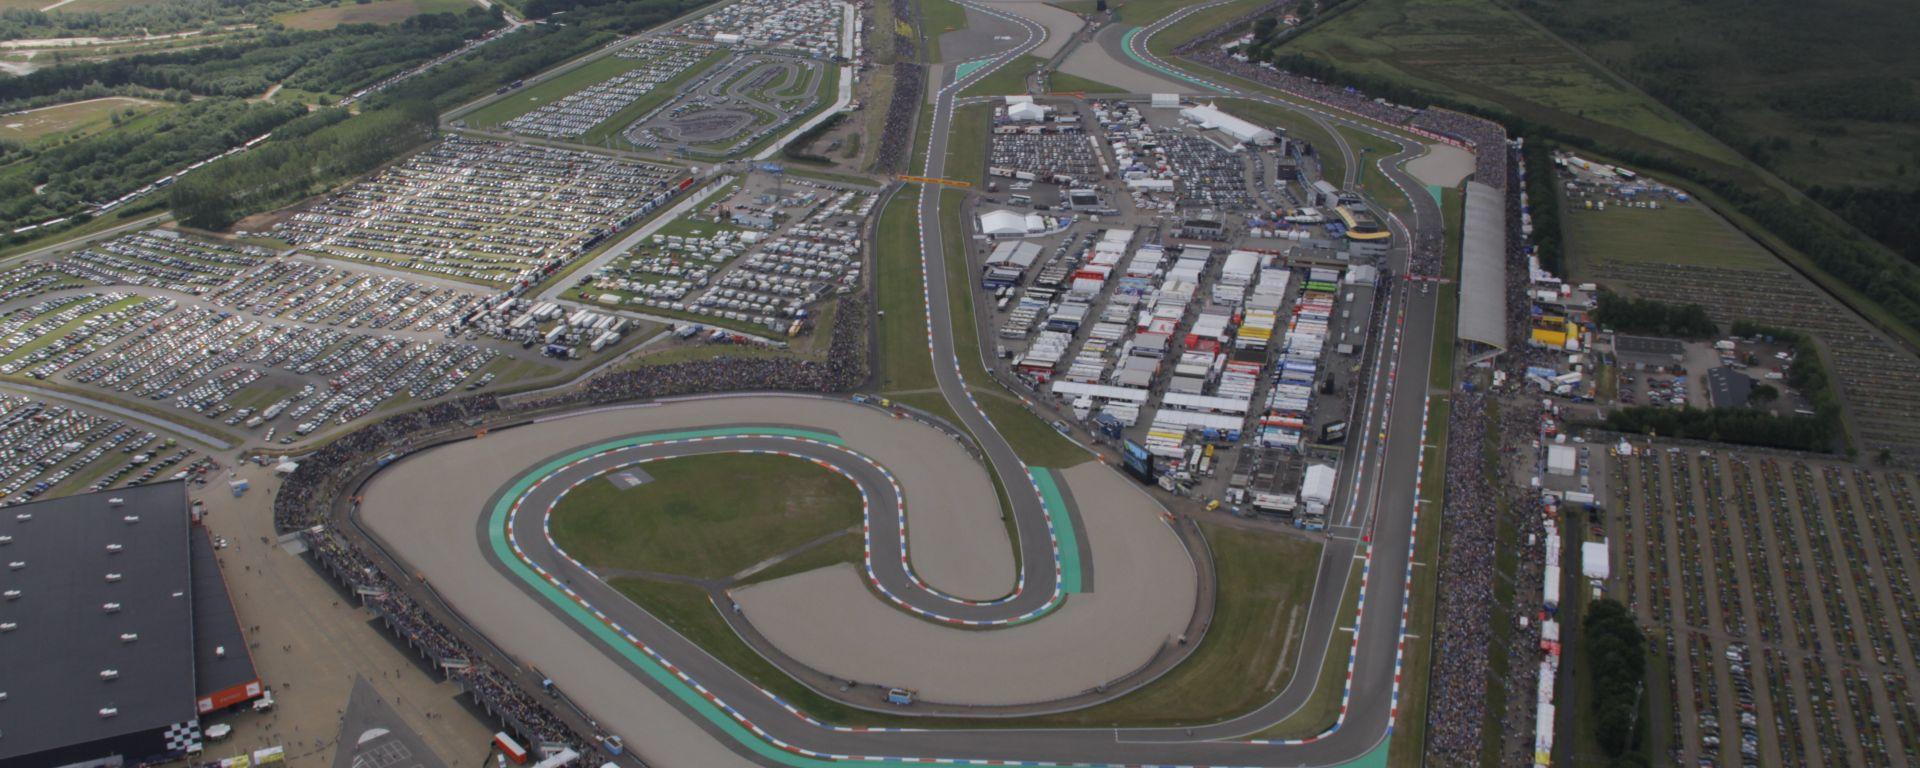 MotoGP Assen 2016: gli orari della diretta in TV del GP d'Olanda